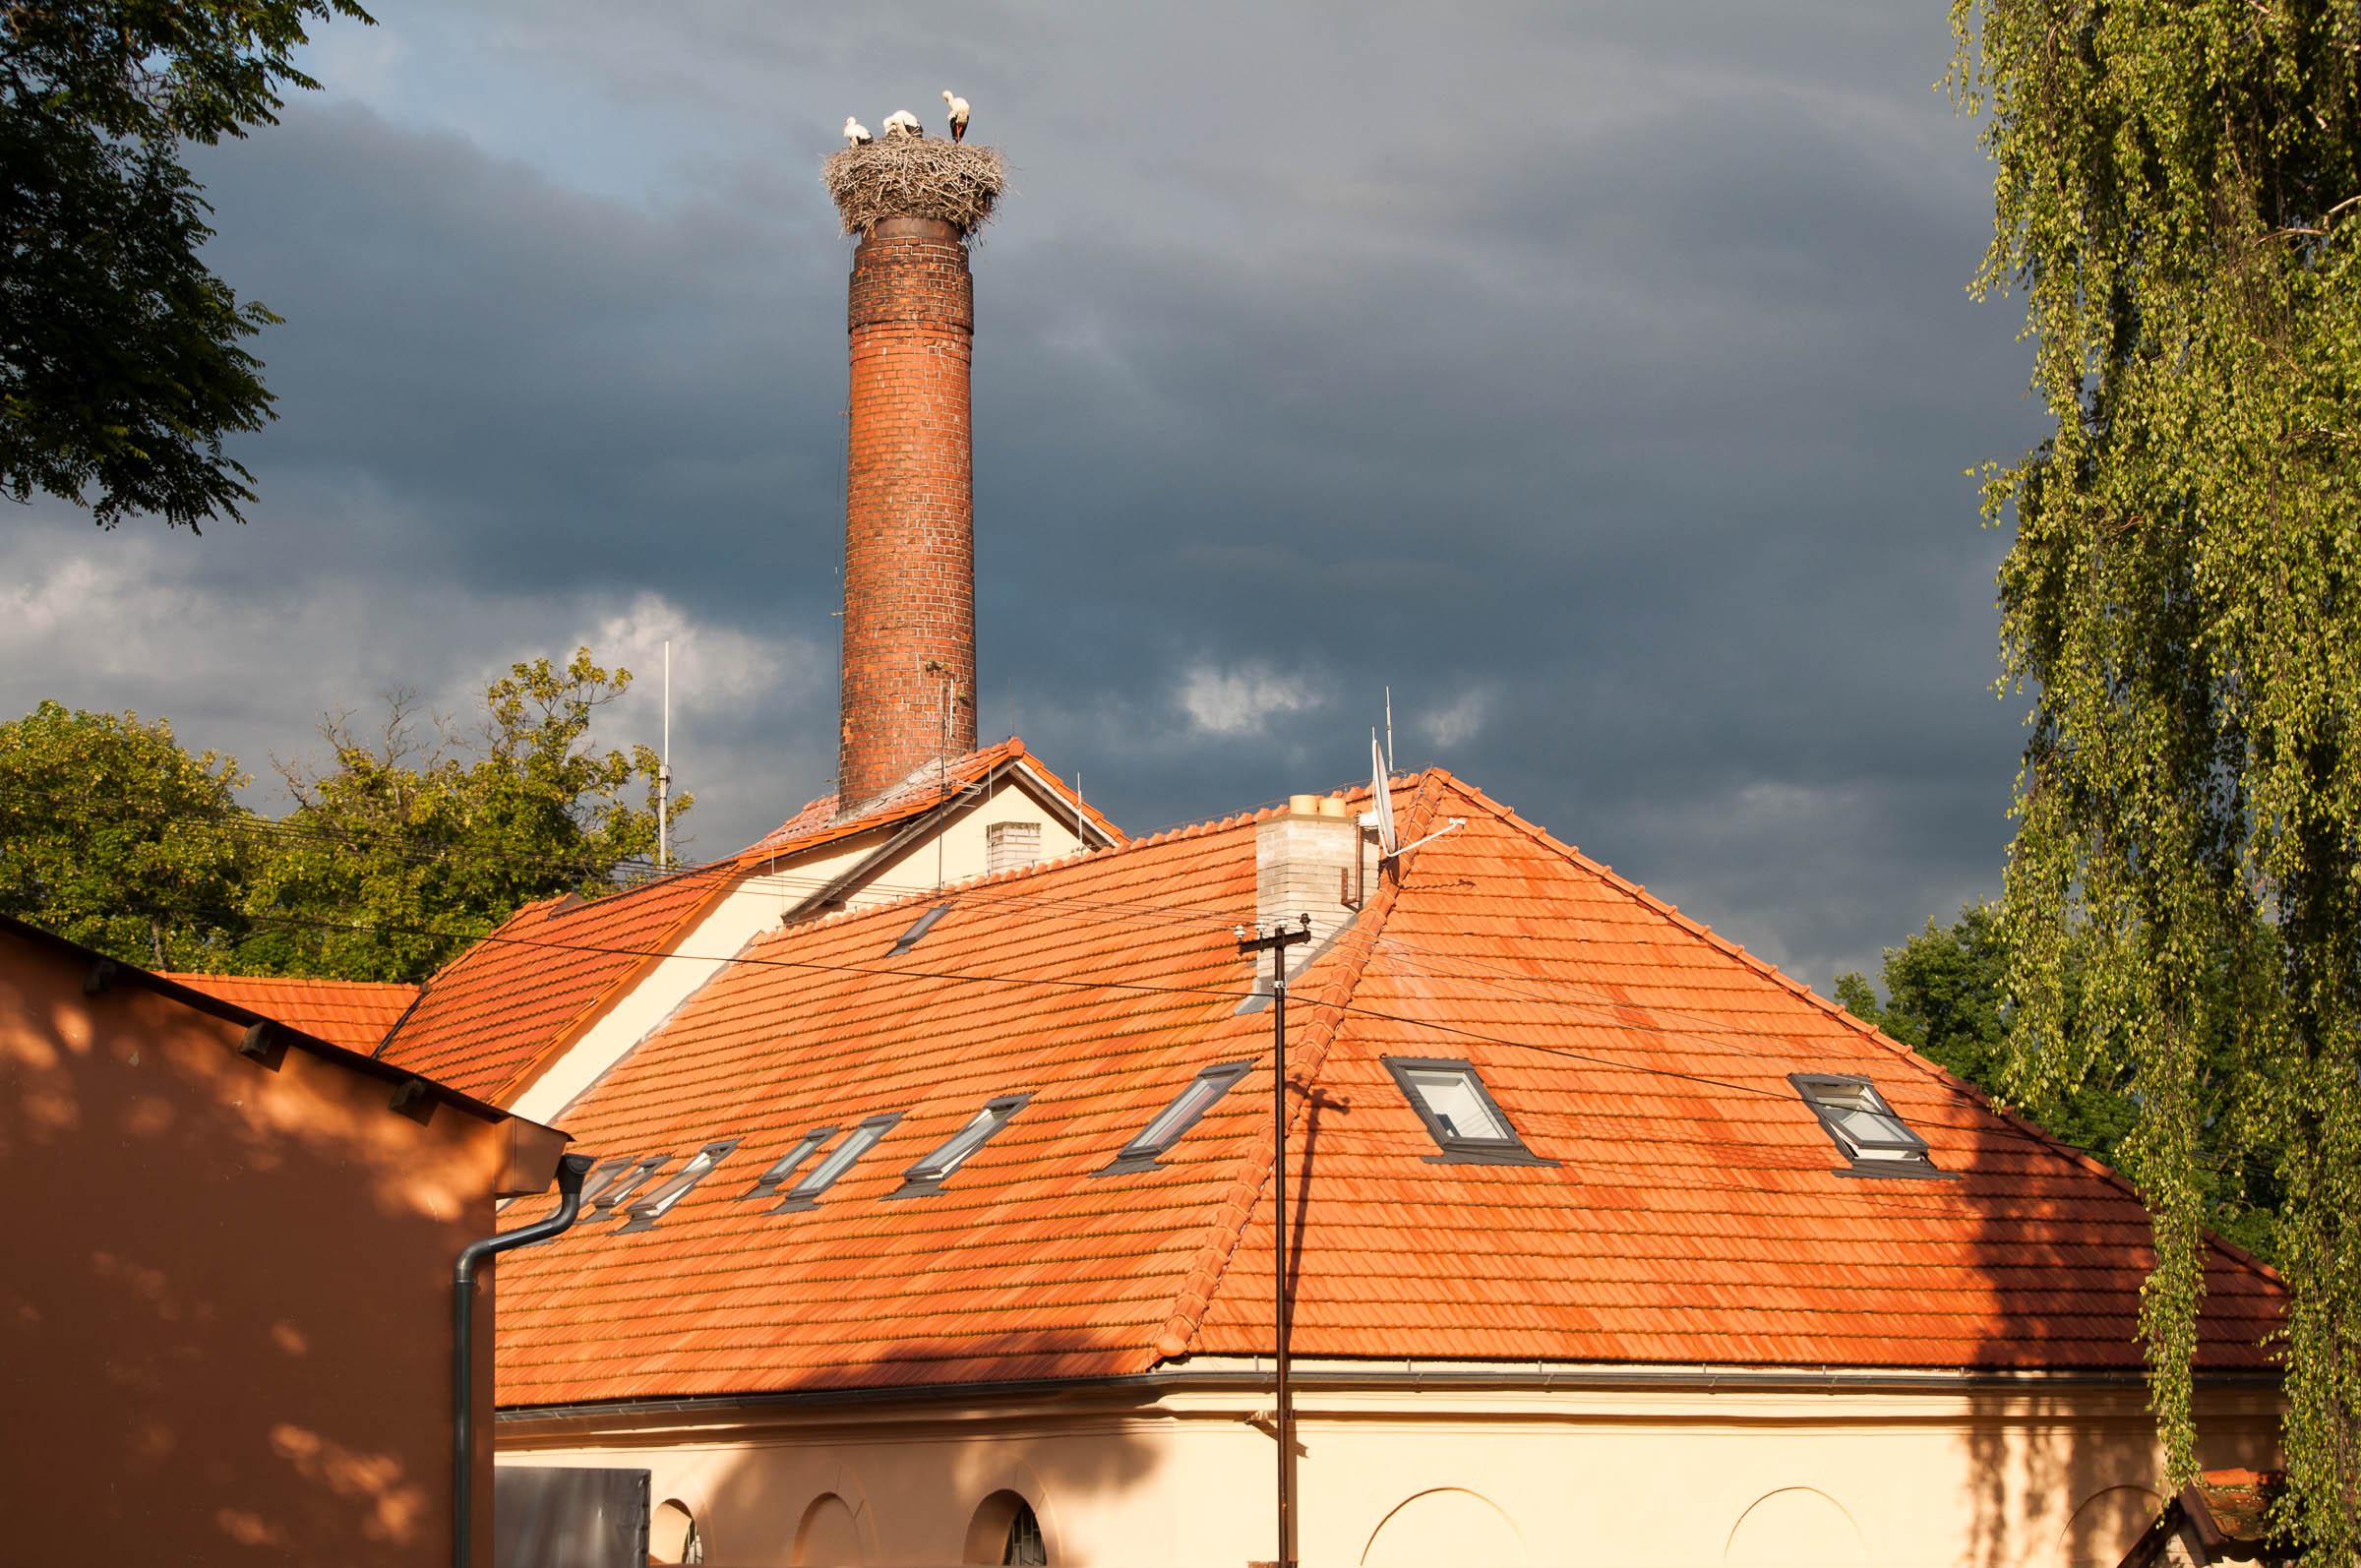 """Čapí hnízdo na komíně. Slunce a čenné mraky v pozadí - ideálně """"černé"""" světlo."""